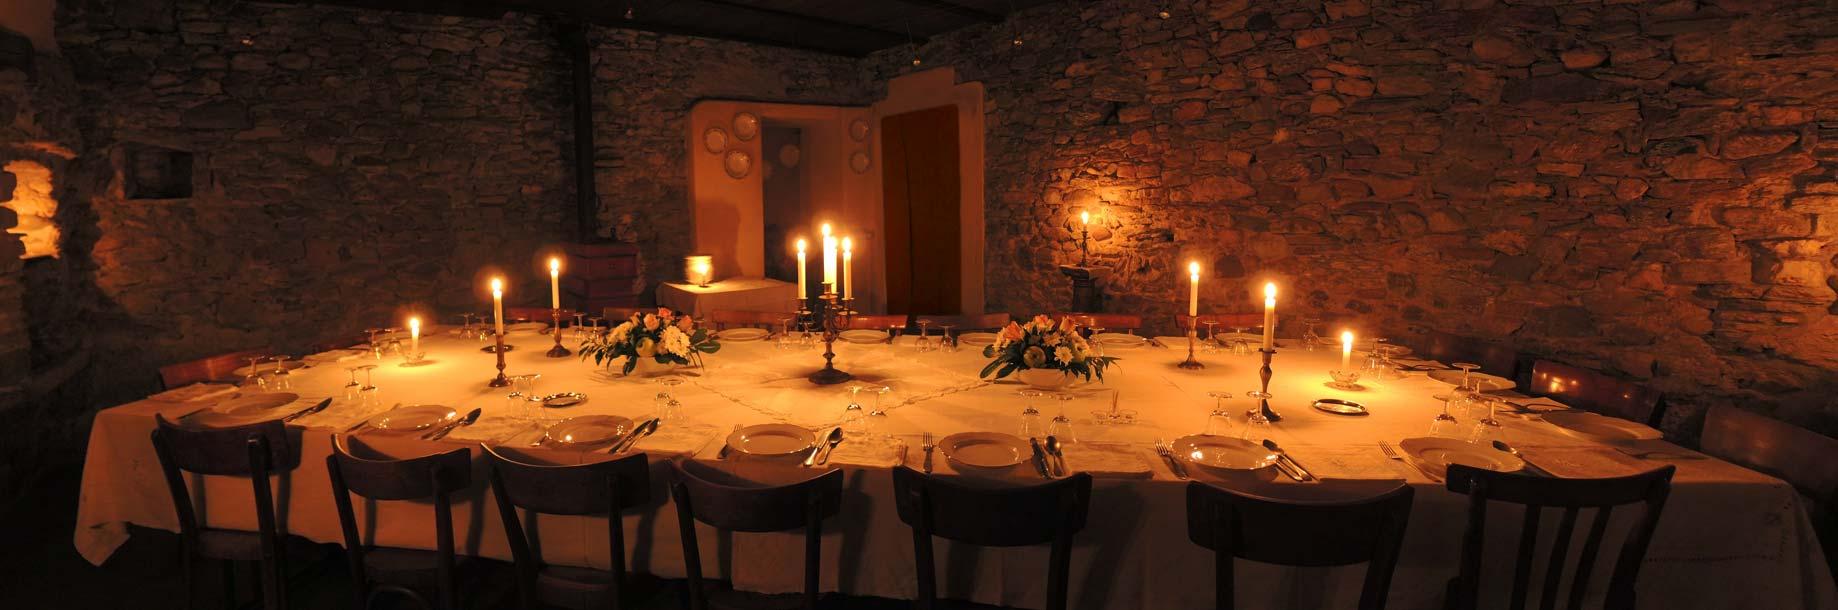 panoramica-tavolata-cena-900